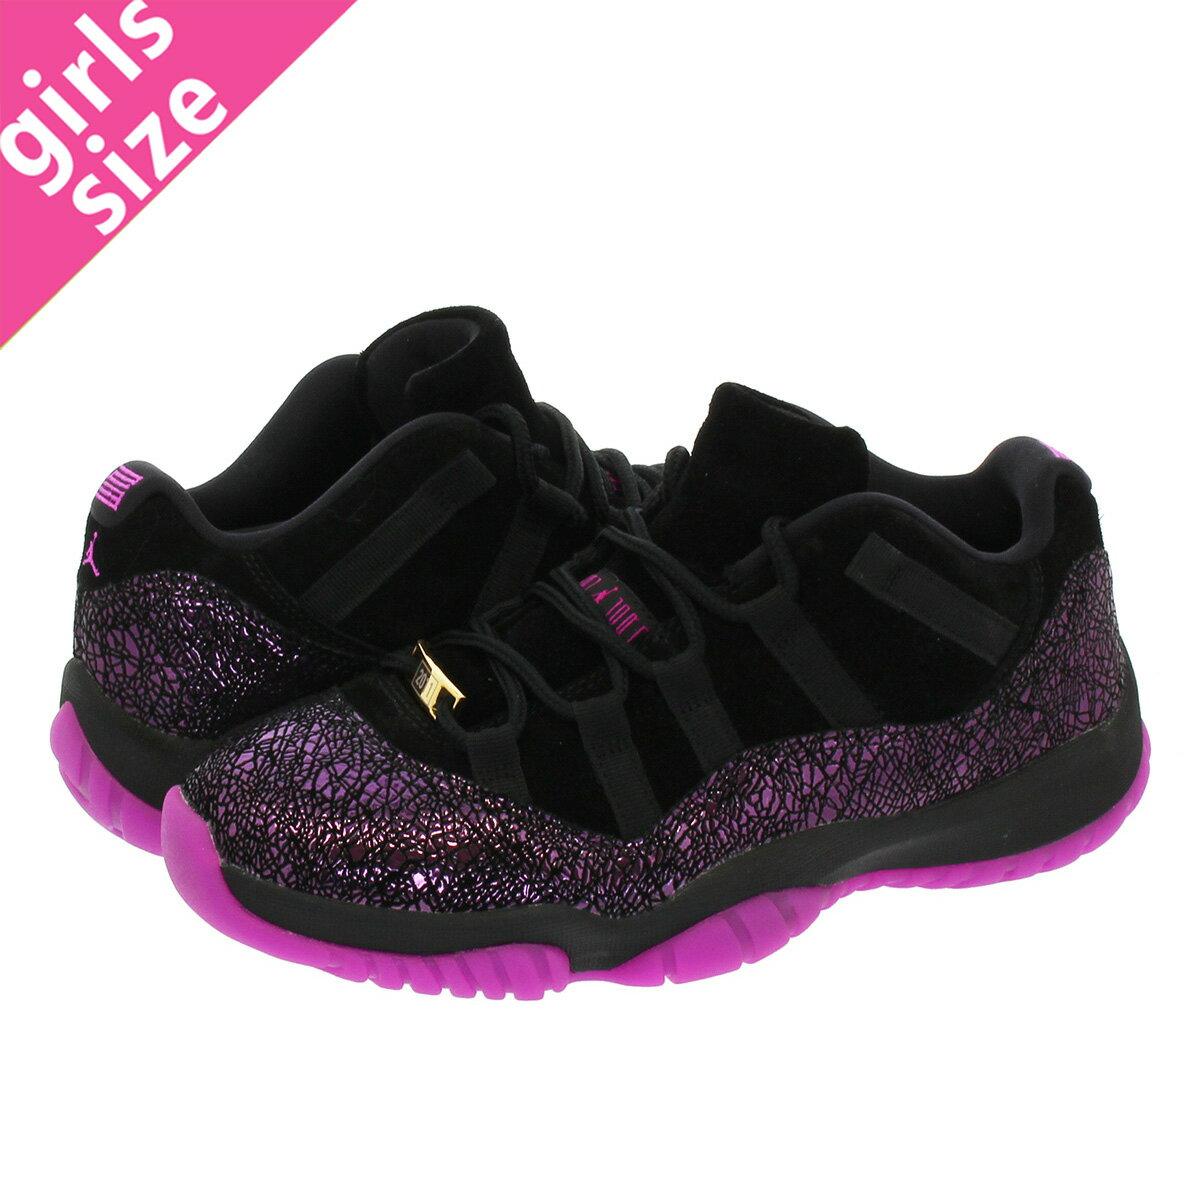 レディース靴, スニーカー  NIKE WMNS AIR JORDAN 11 RETRO LOW ROOK TO QUEEN 11 BLACKFUCHSIA BLASTar5149-005